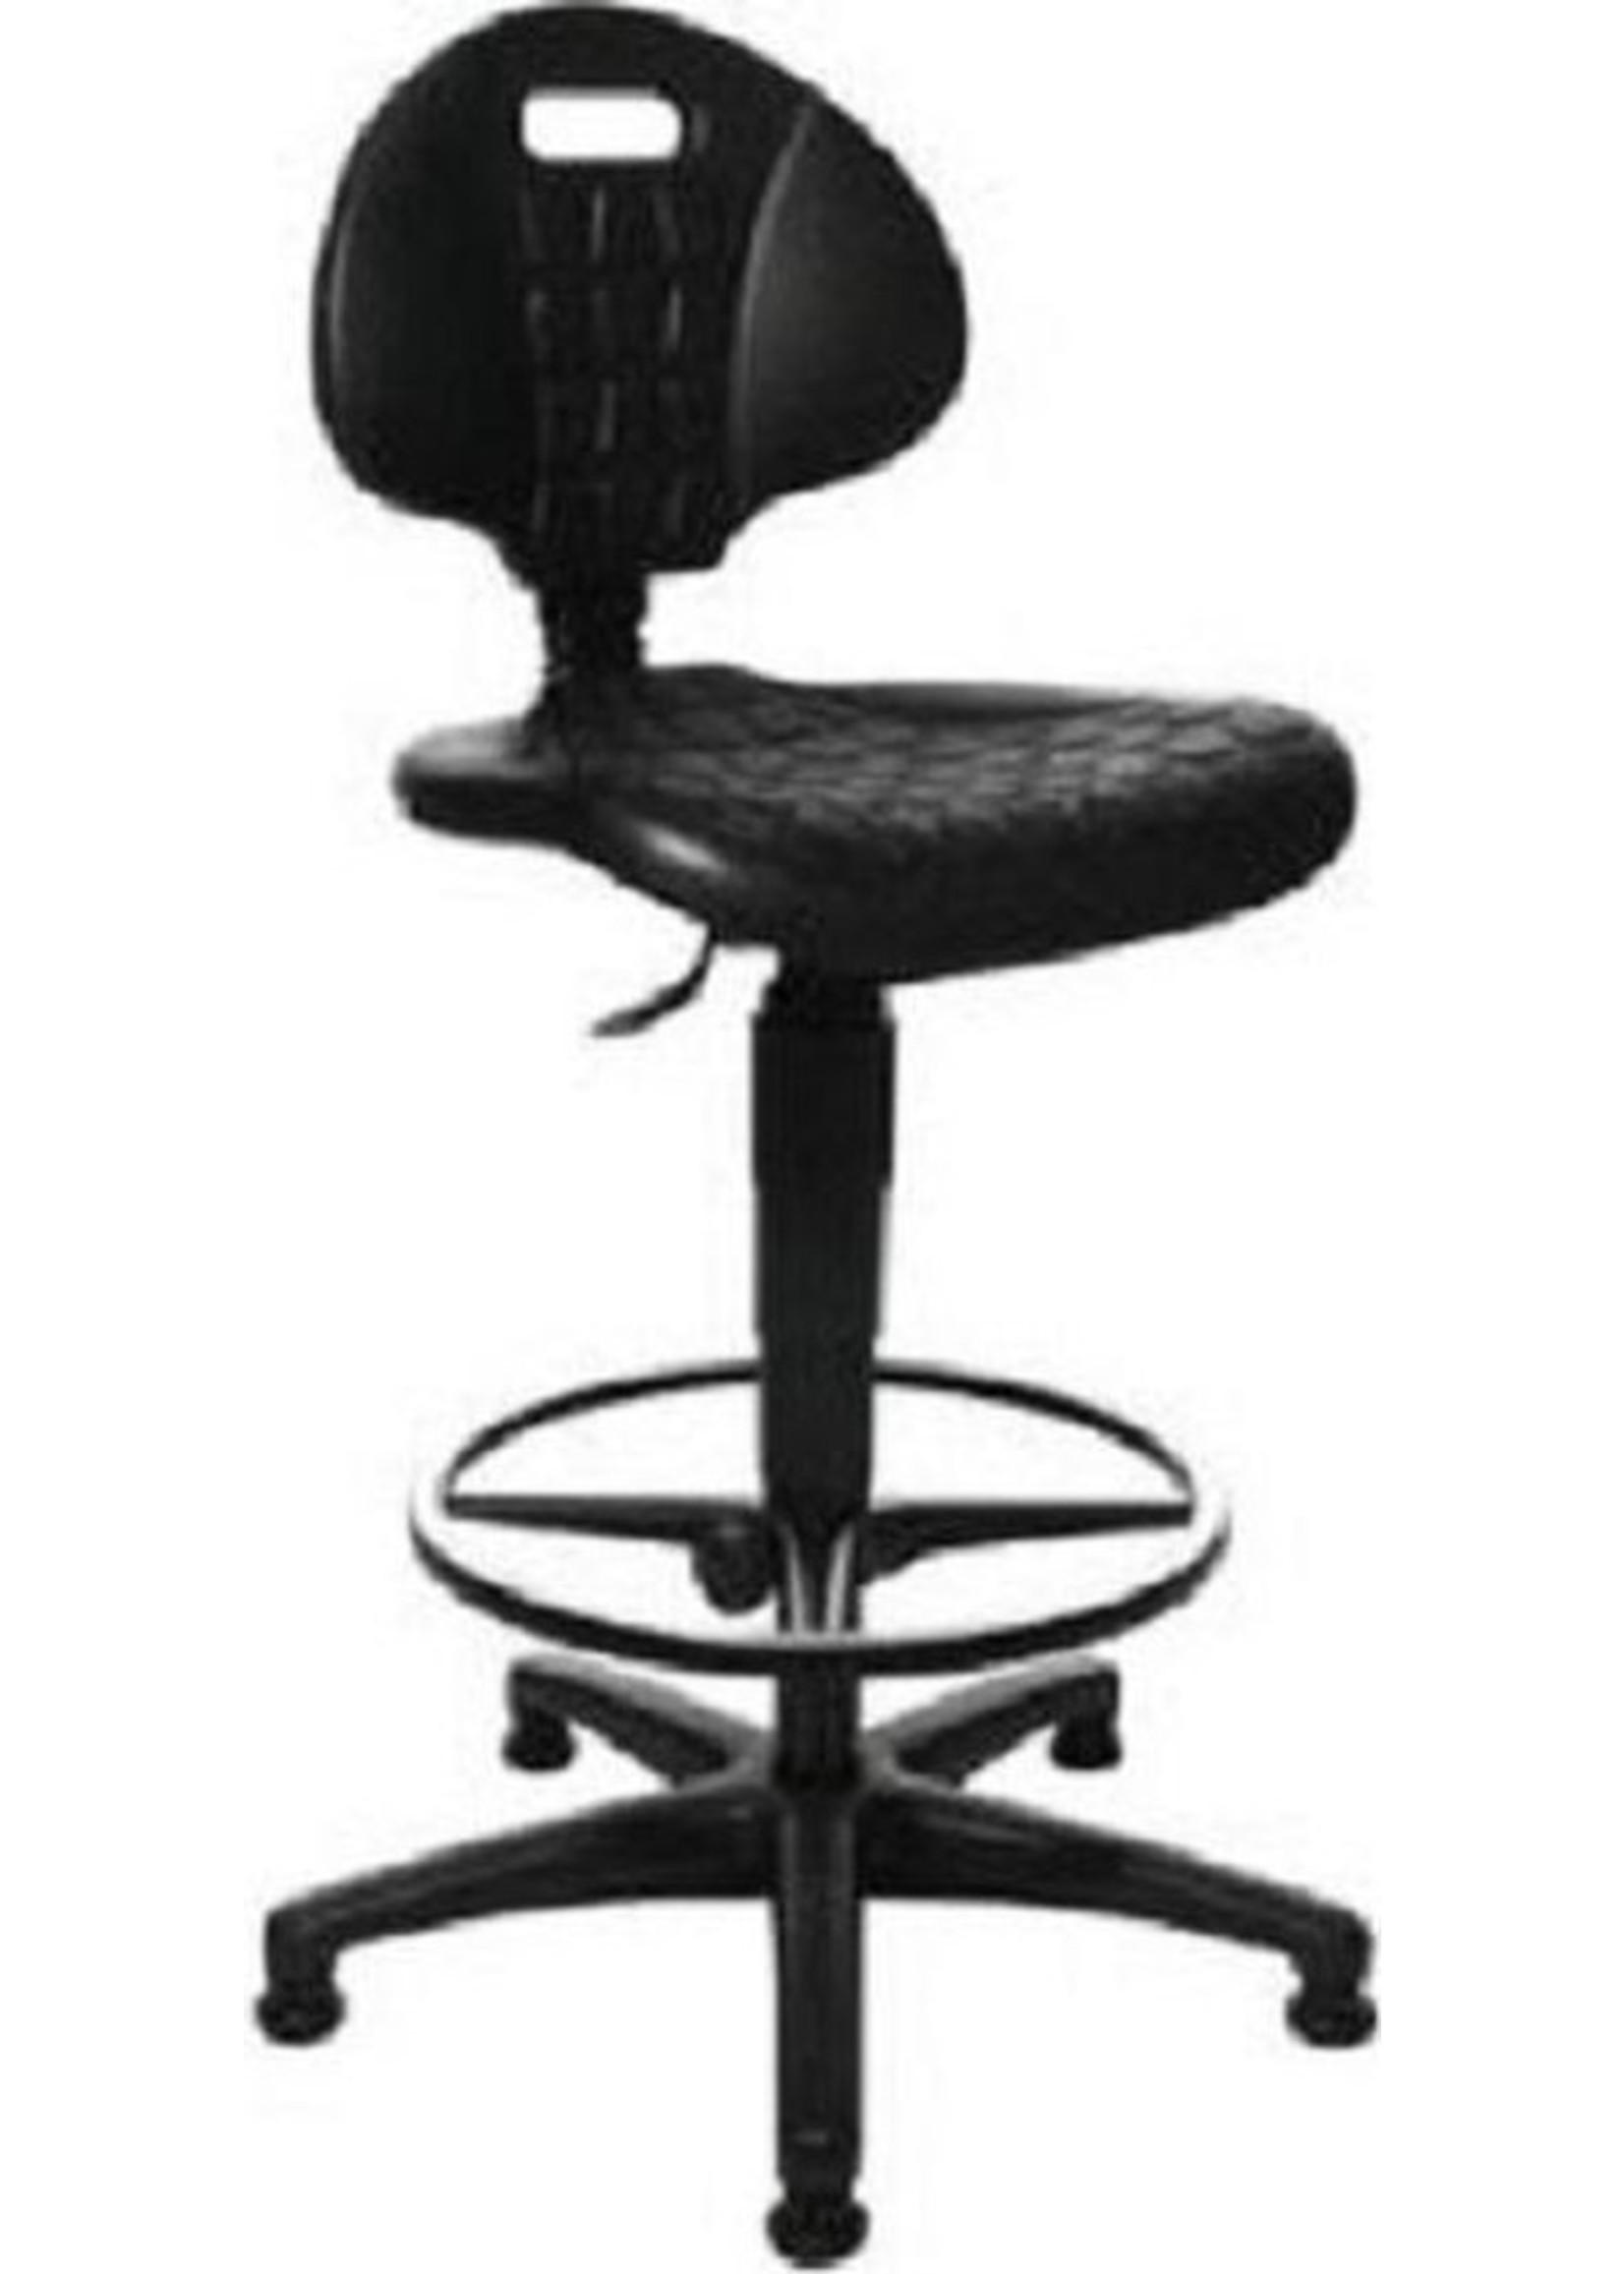 Hoge werkplaatsstoel met verstelbare voetsteun zonder wielen